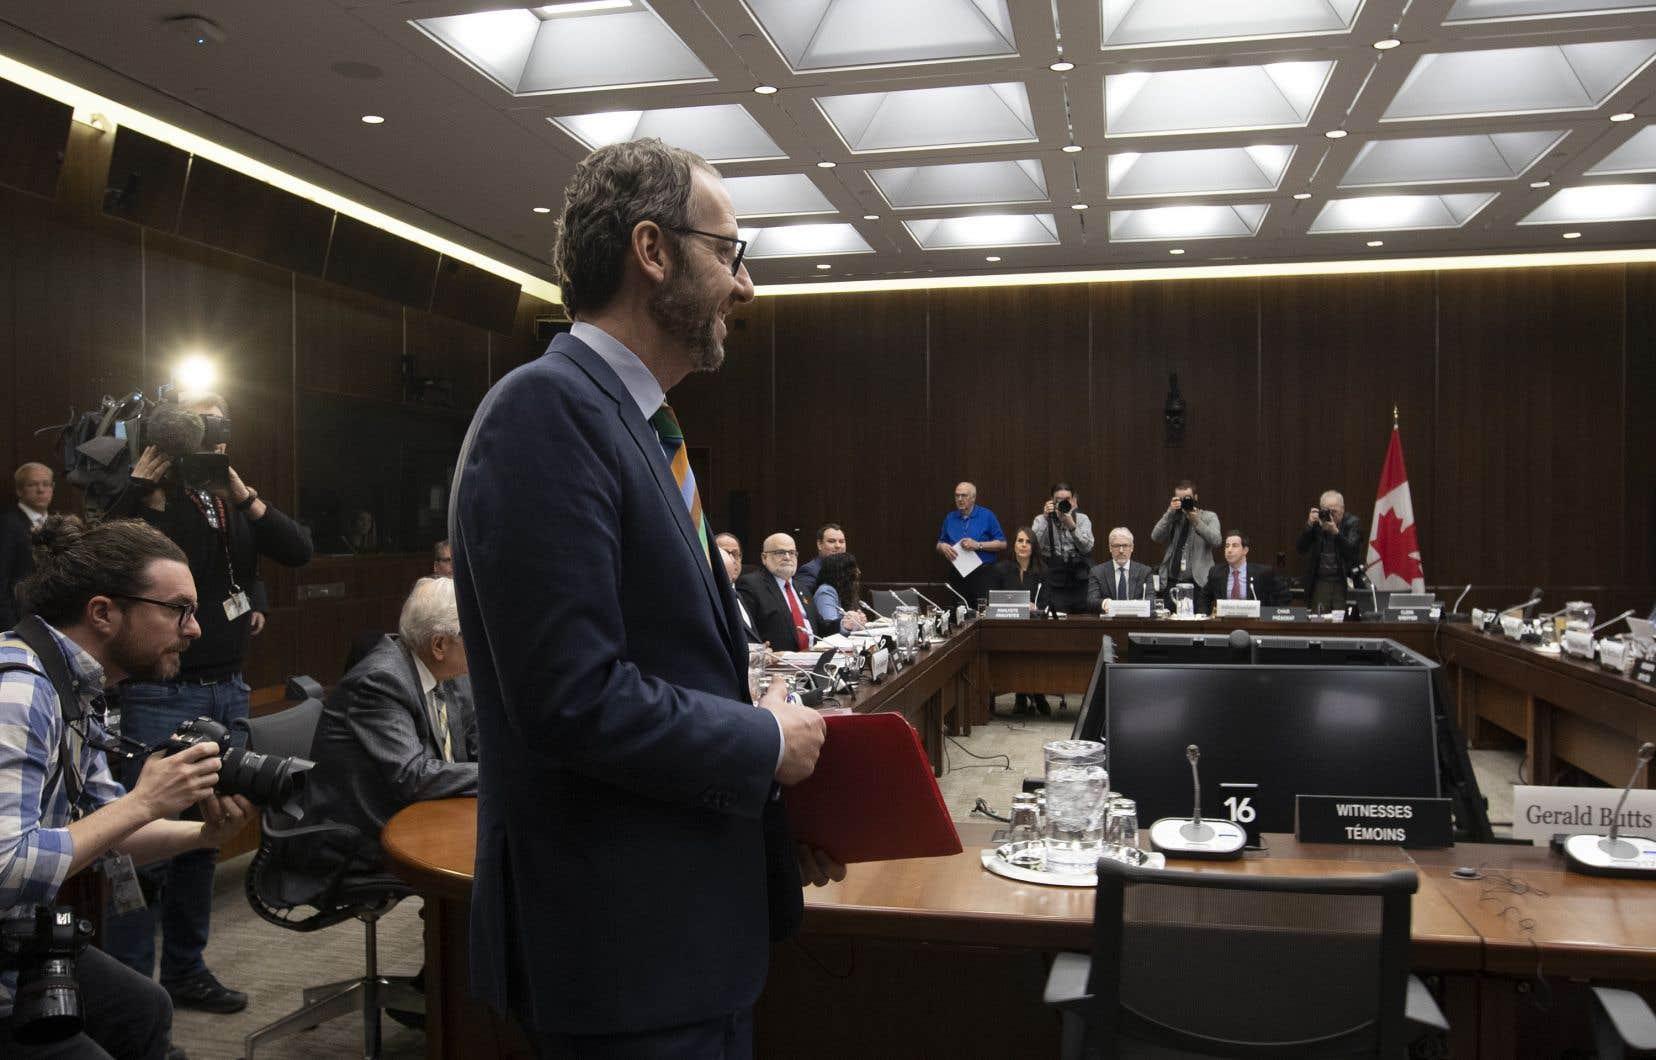 L'ex-bras droit de Justin Trudeau, Gerald Butts, à son arrivée devant le comité permanent de la Justice de la Chambre des communes